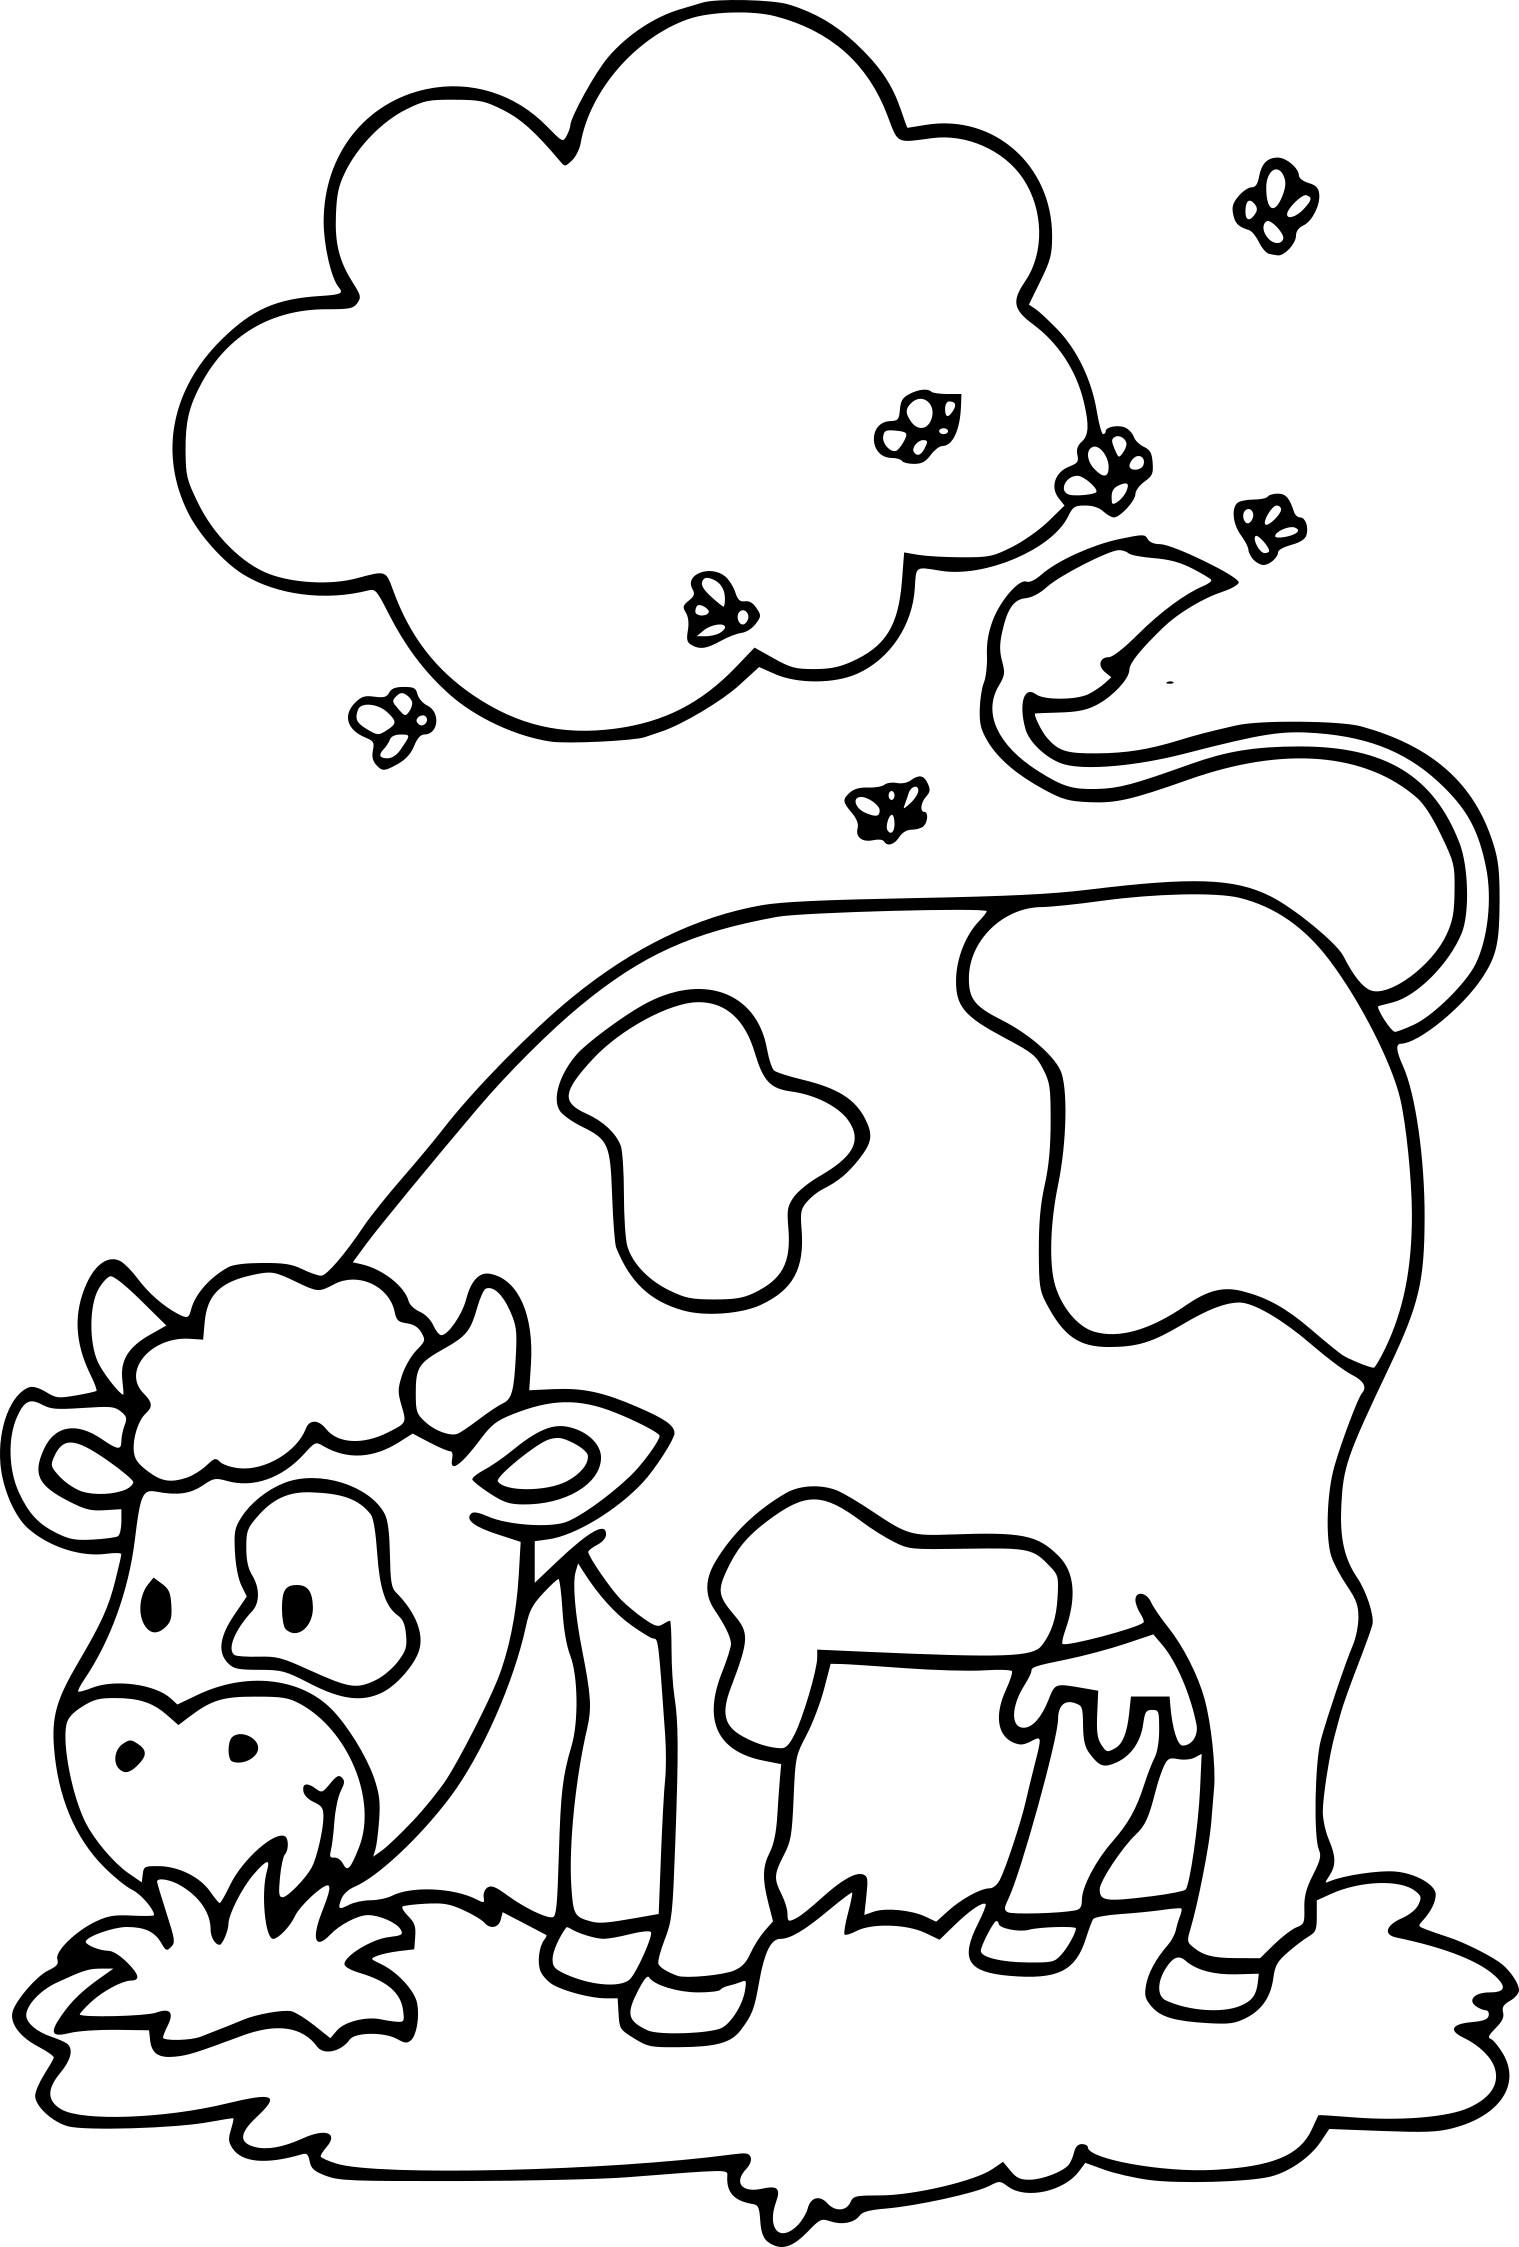 Élégant Dessin A Colorier Et A Imprimer De Vache